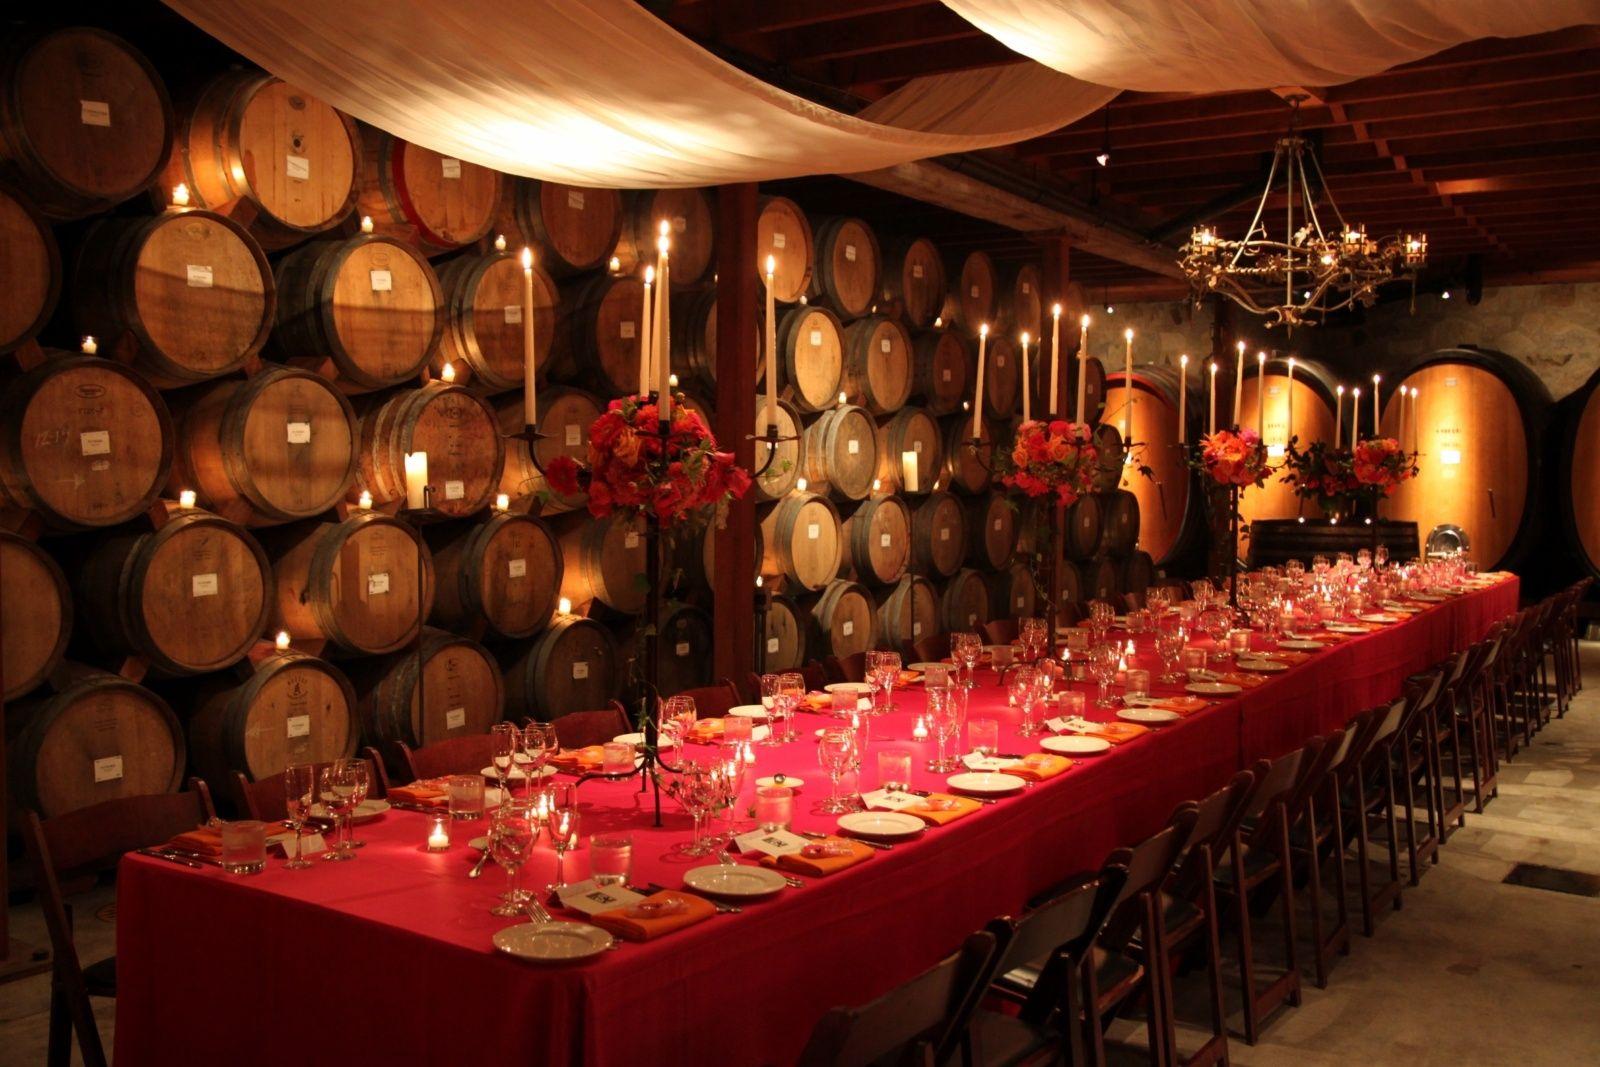 V Sattui Winery Wedding Head Table Wine Tasting Room Barrel Room Winery Tasting